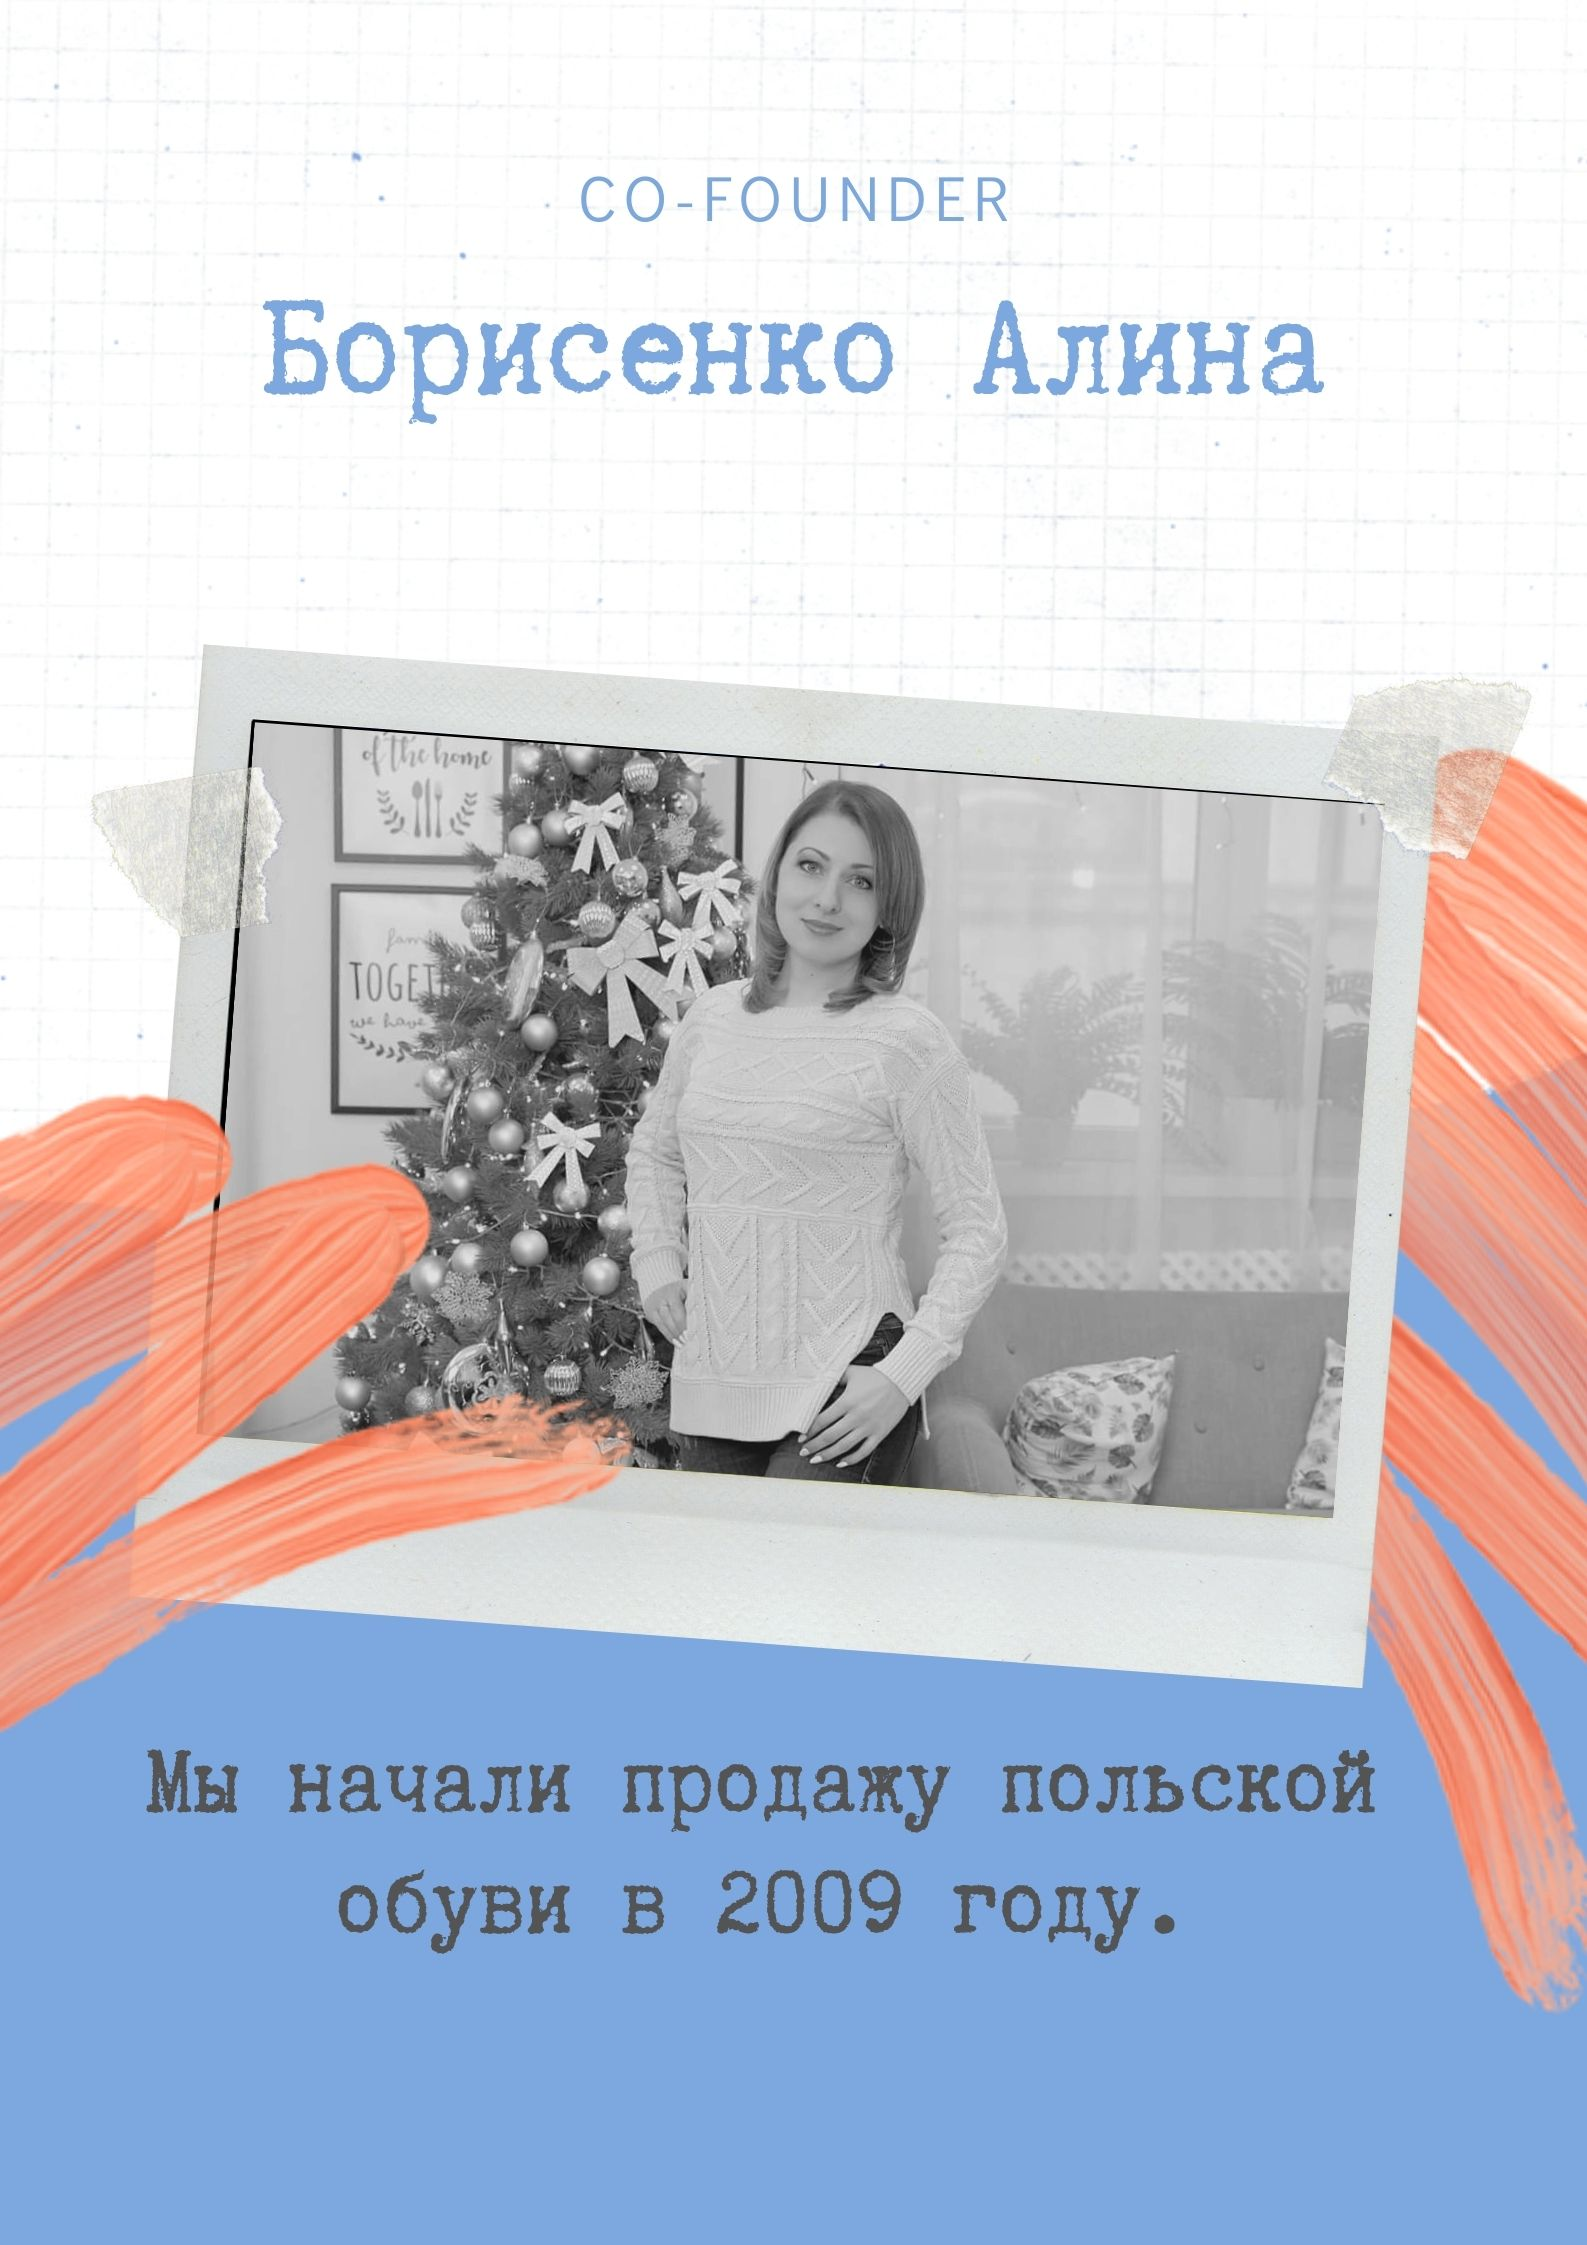 Борисенко Алина Борисовна